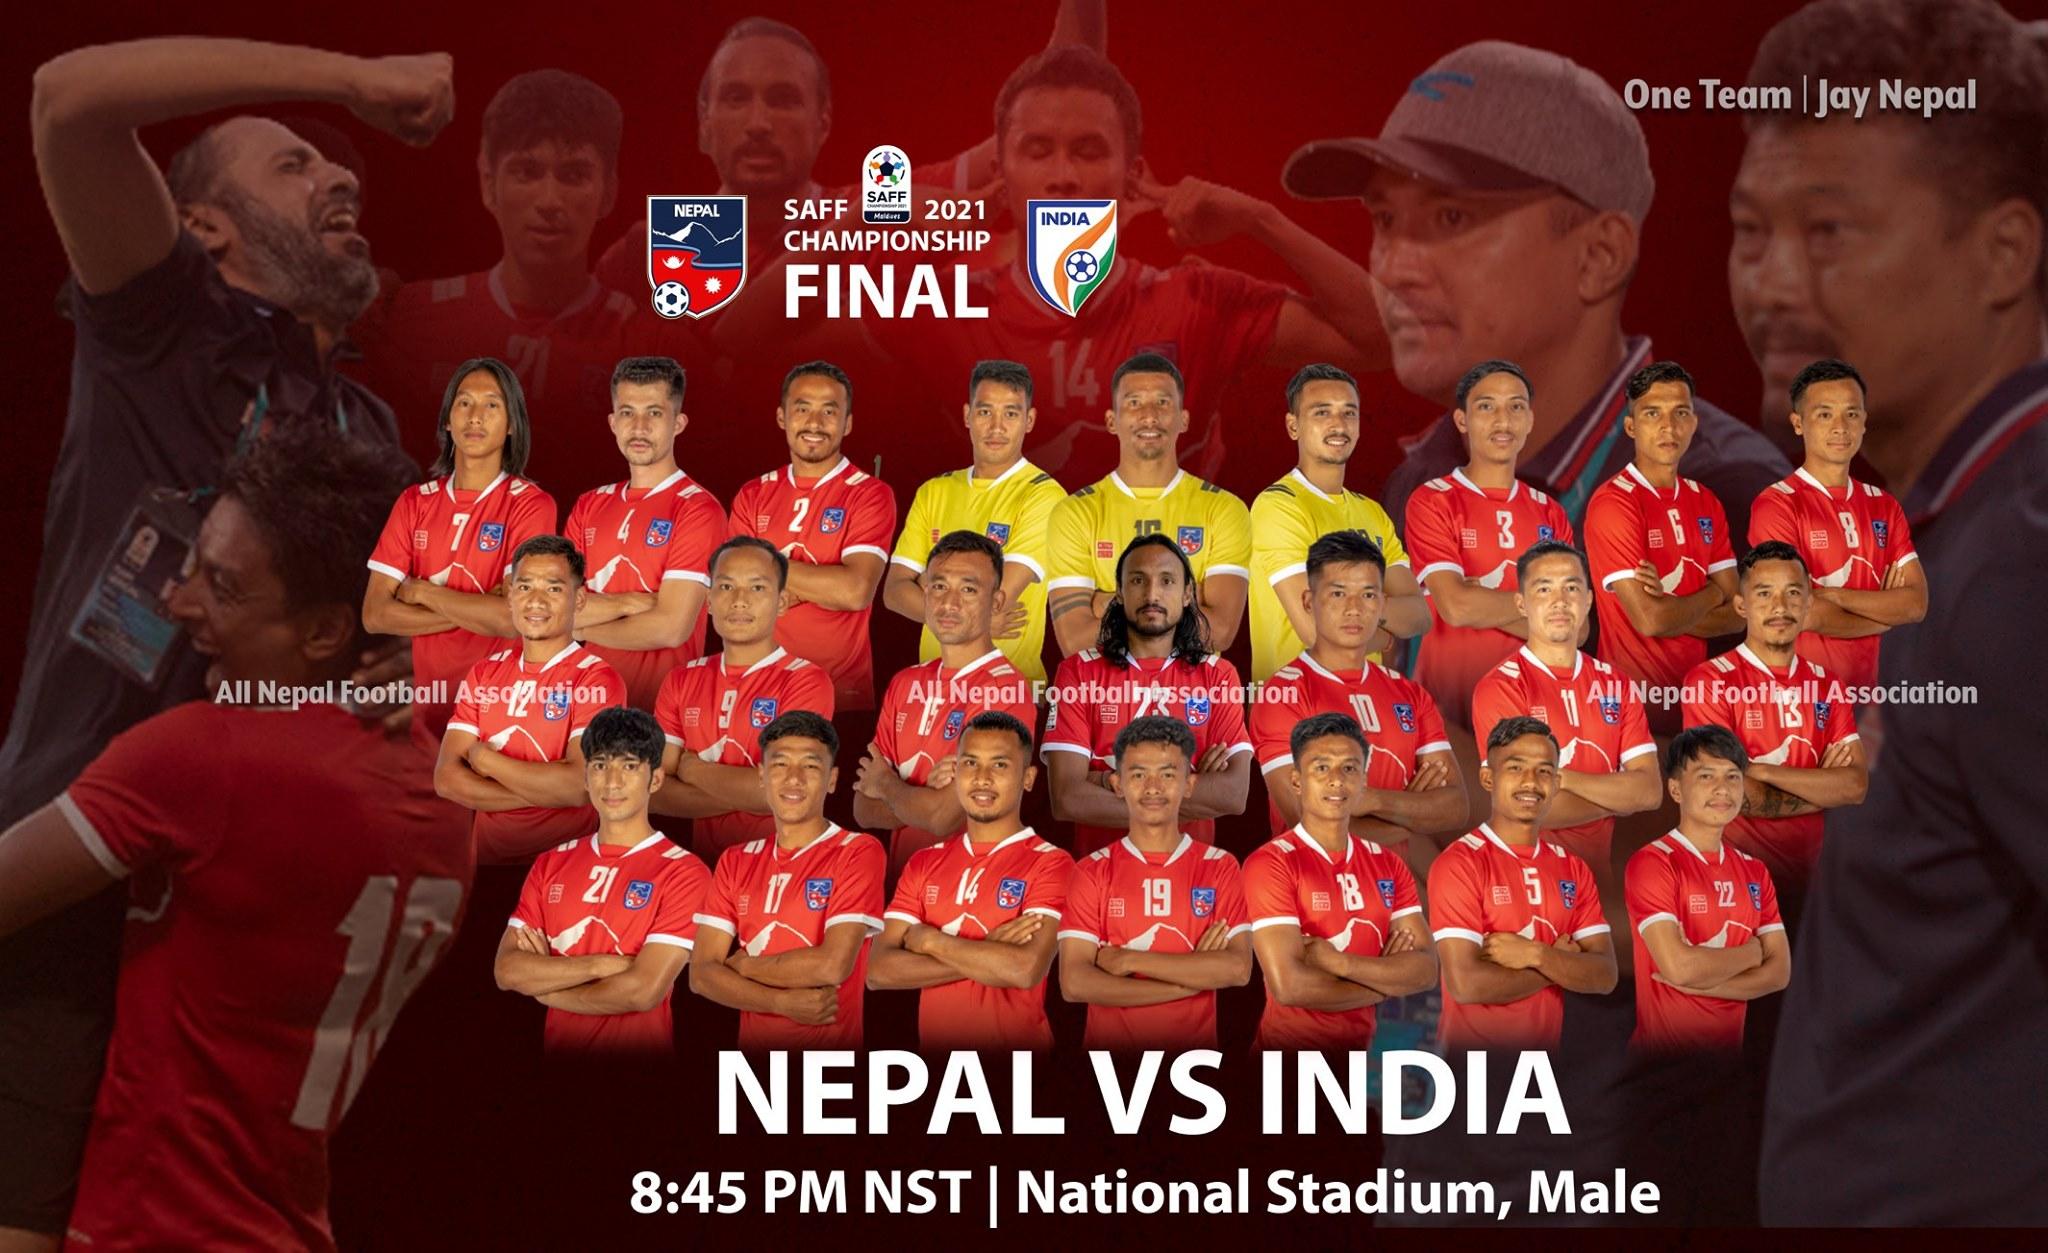 सिनियर राष्ट्रिय टोलीमा नेपाल भर्सेस् भारत : यस्तो छ हार, जित र बराबरको तथ्याङ्क